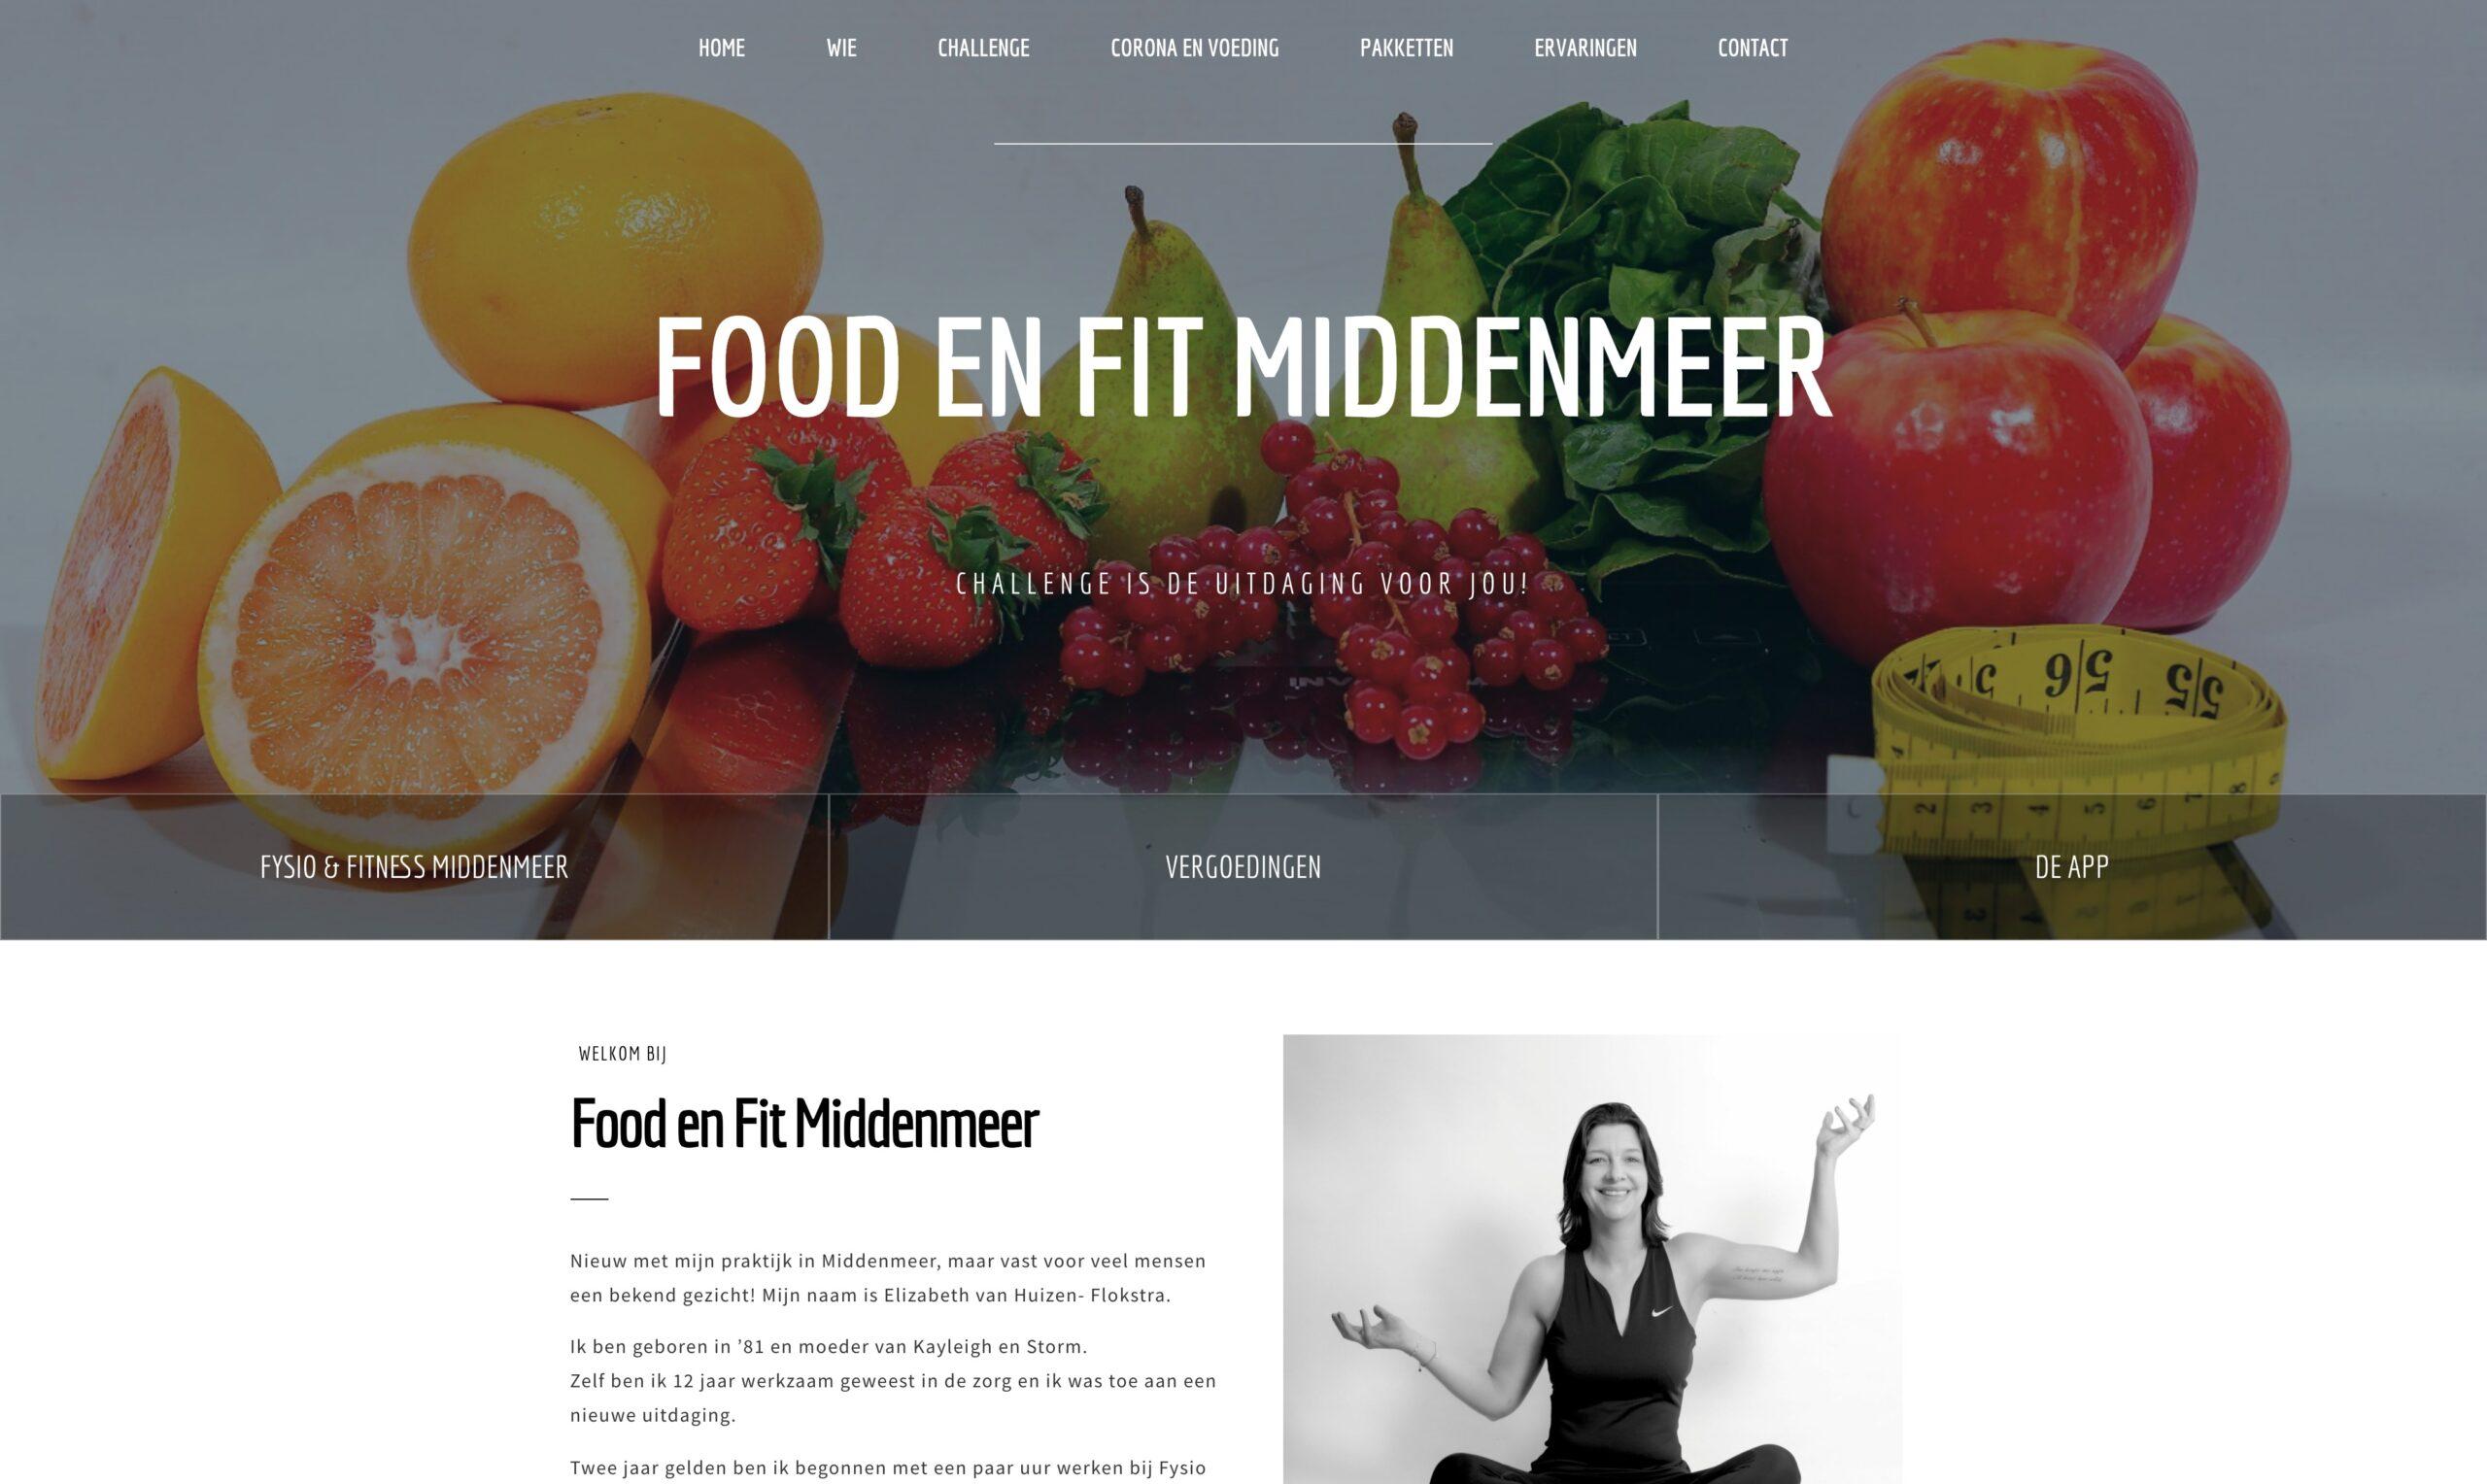 Food en Fit Middenmeer - www.foodenfitmiddenmeer.nl